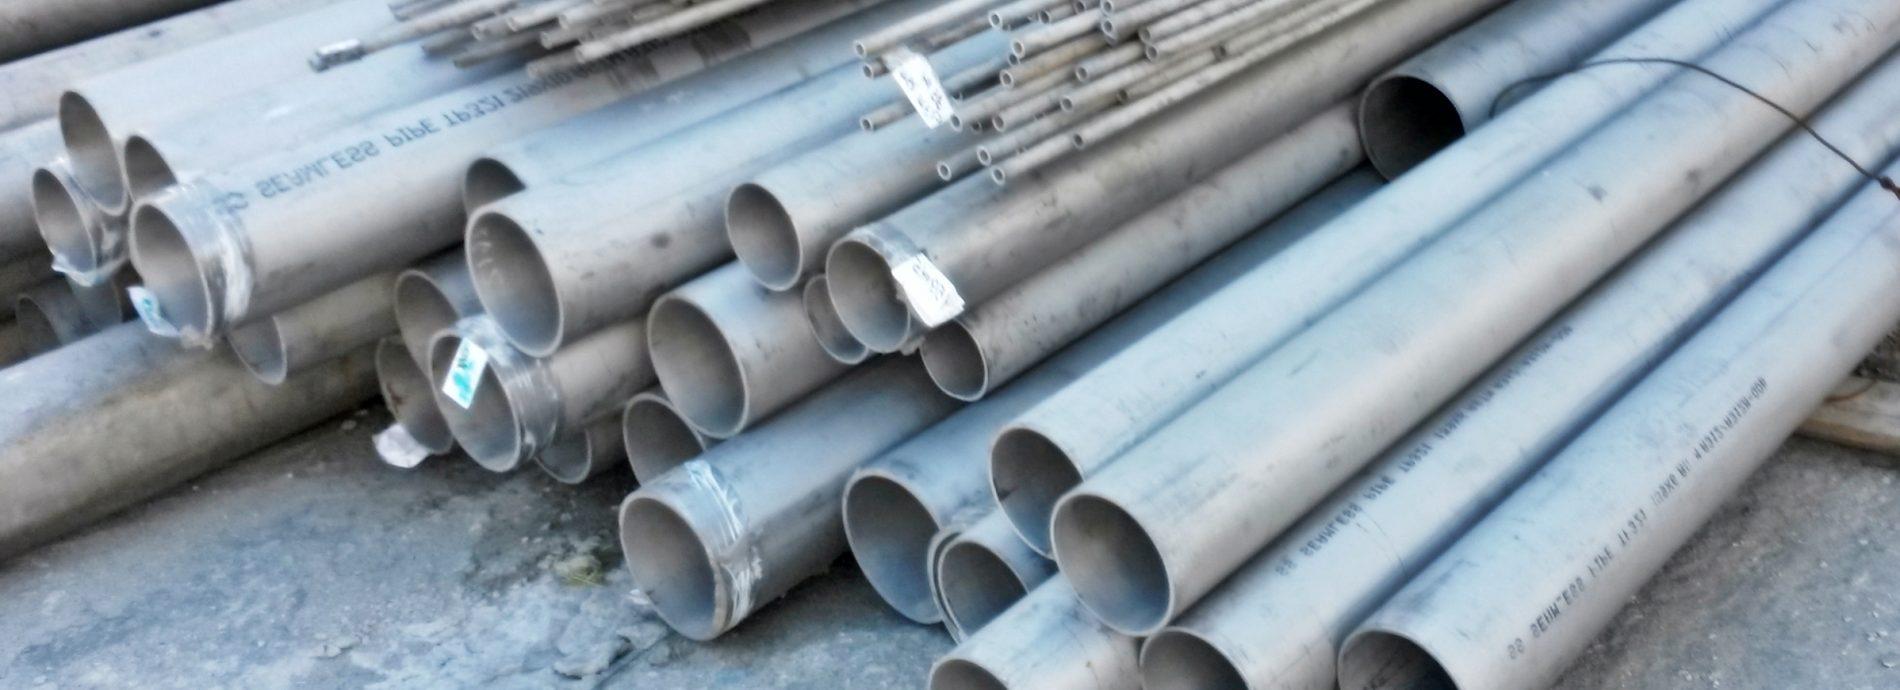 алюминиевые трубы купить днепр